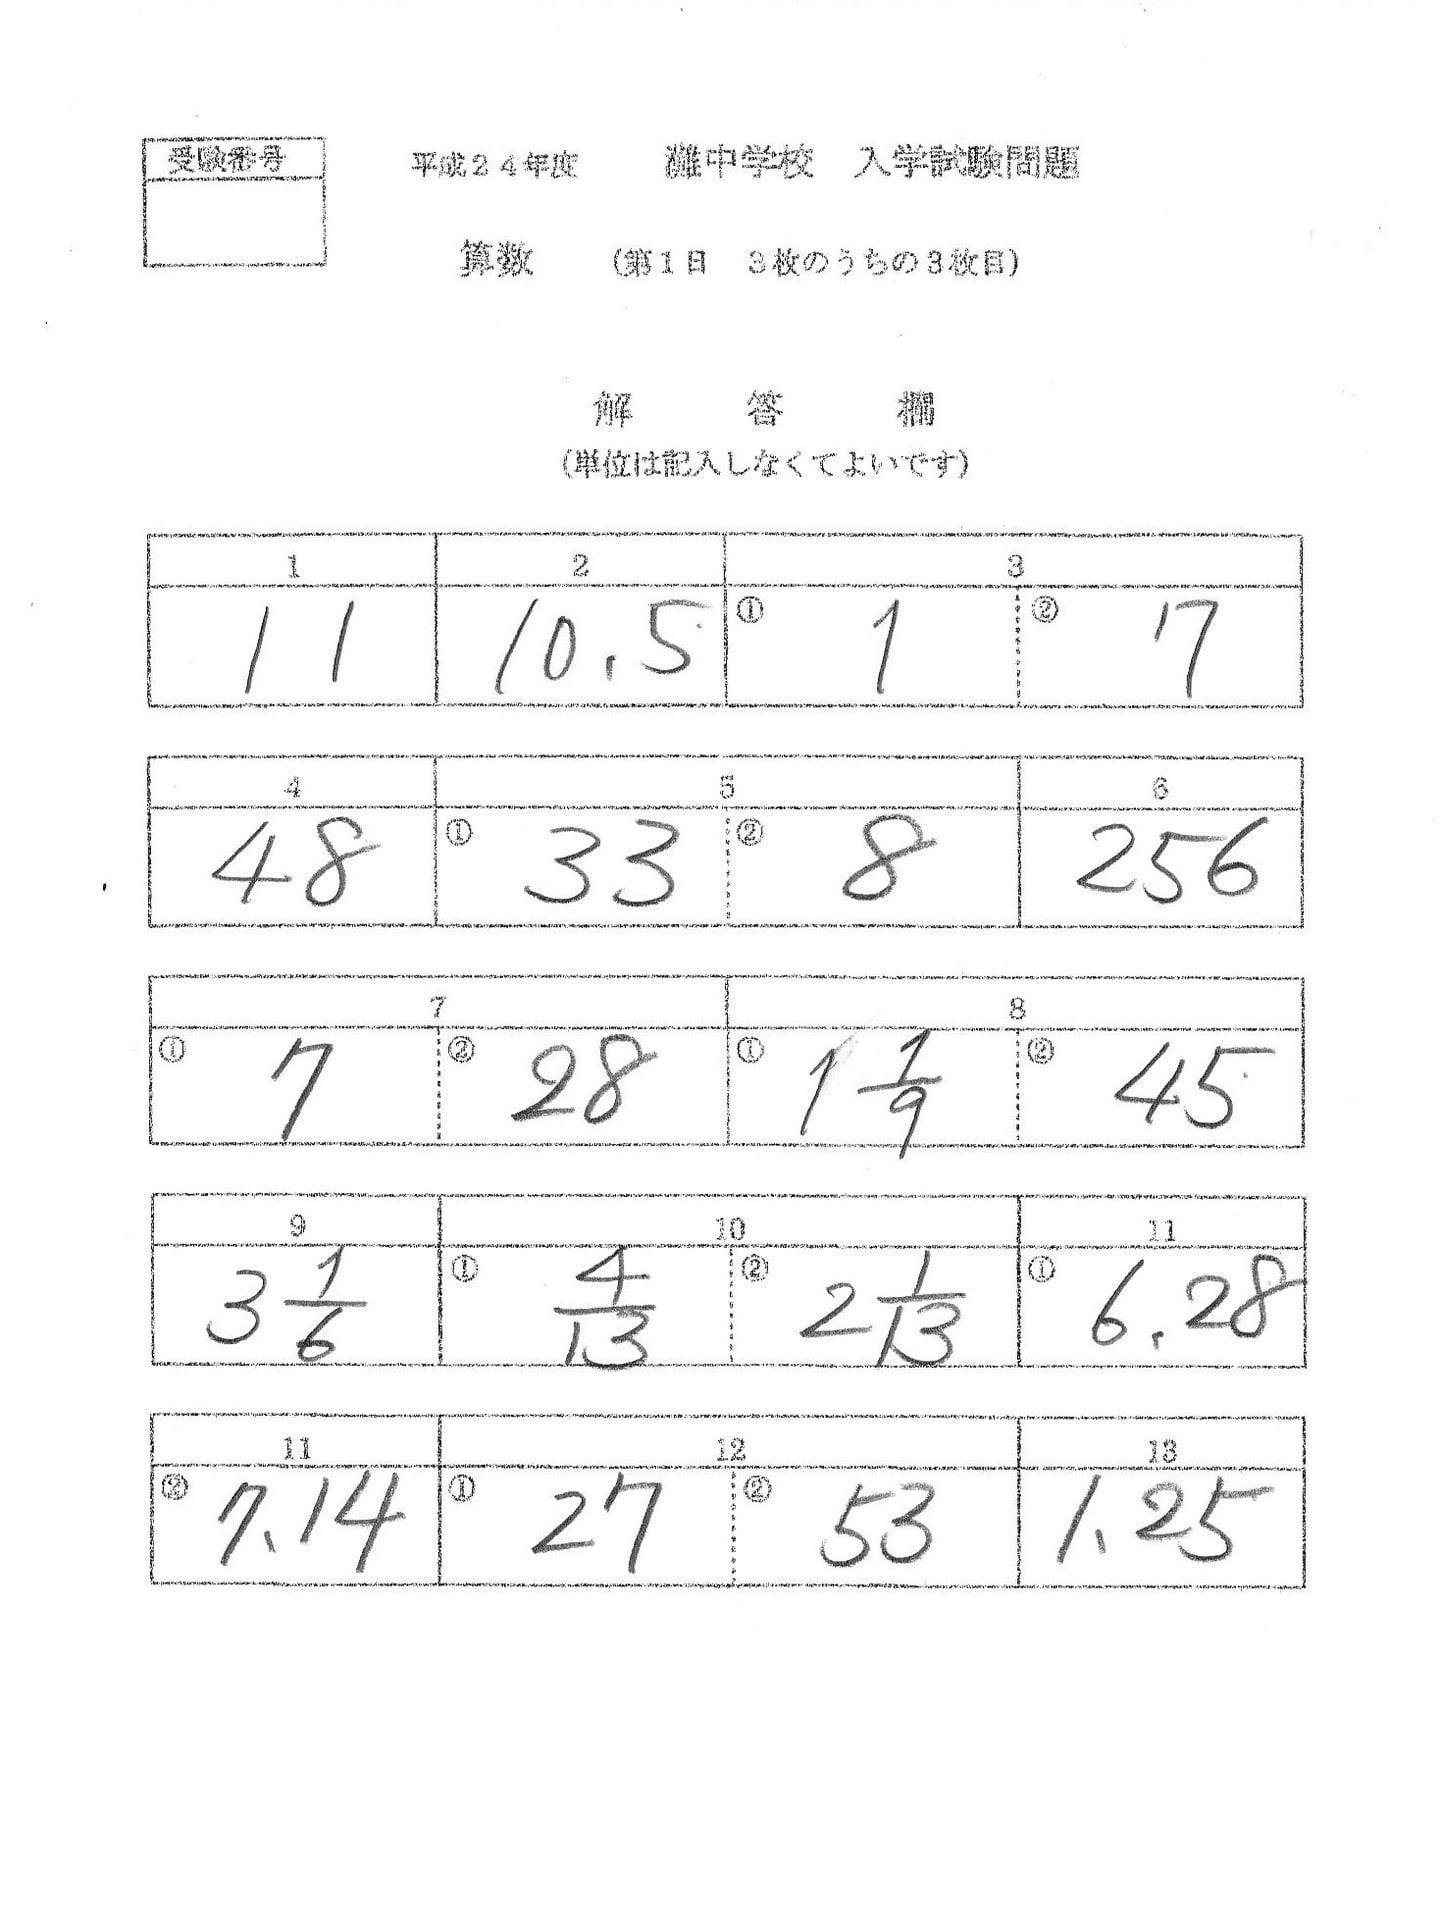 中学 中学一年の数学 : 灘中学校 2012年入試問題(算数 ...